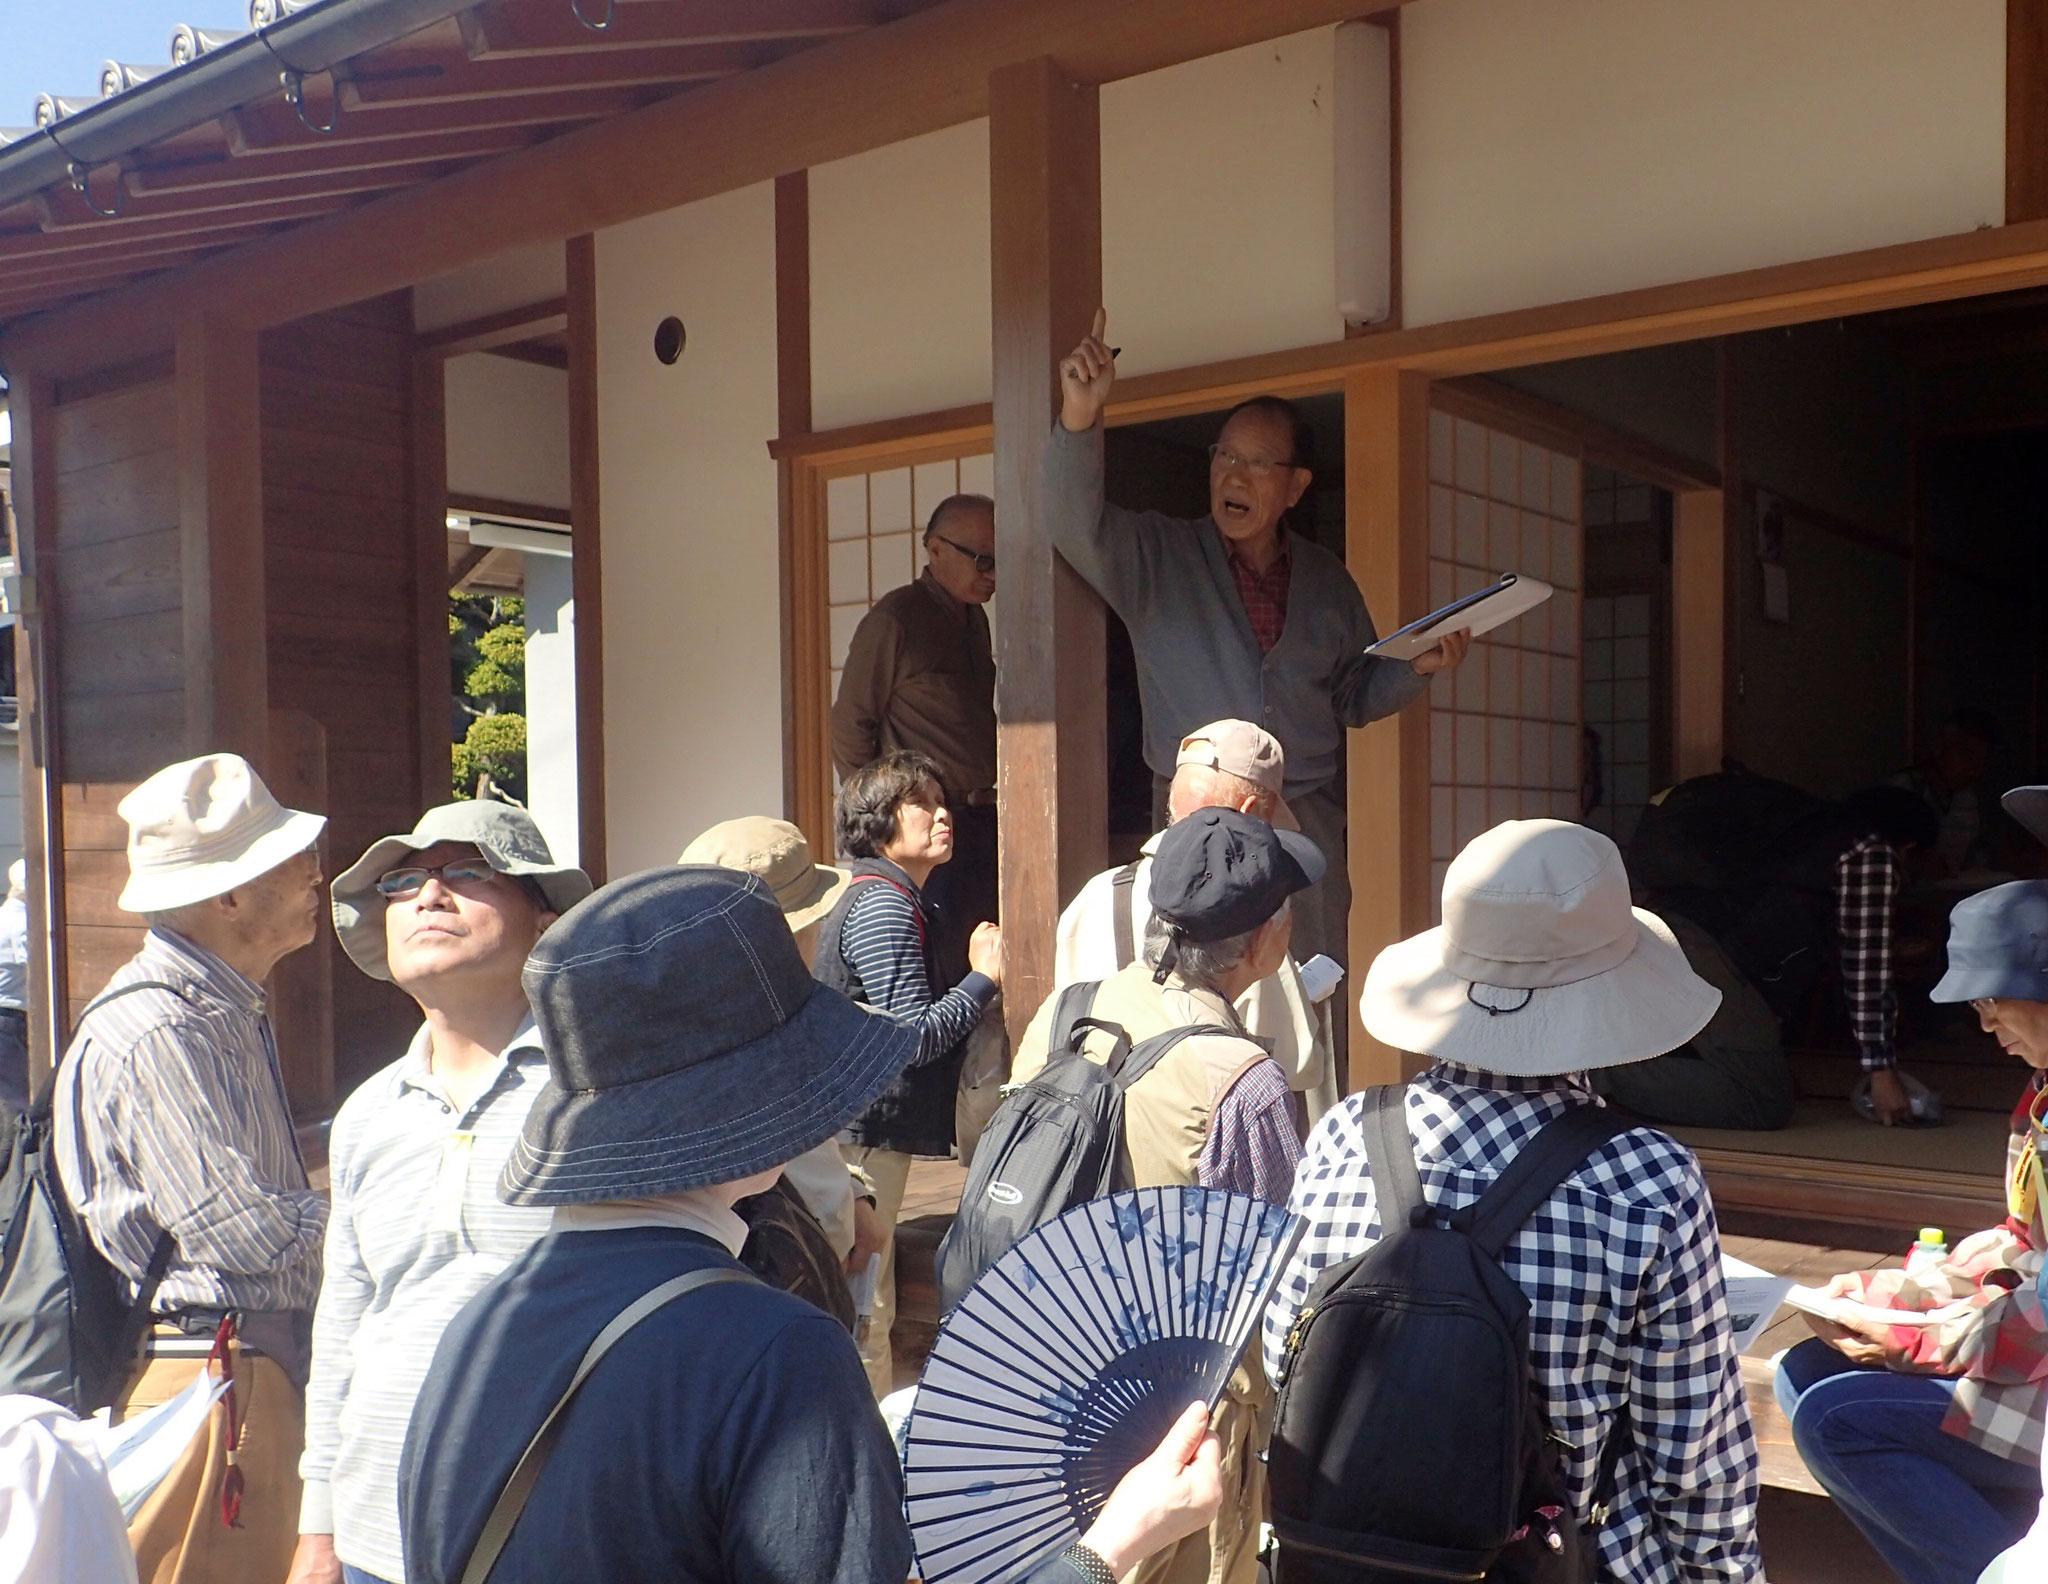 赤尾区の興善寺では毘沙門天と薬師如来坐像を福田氏の解説を受けました。